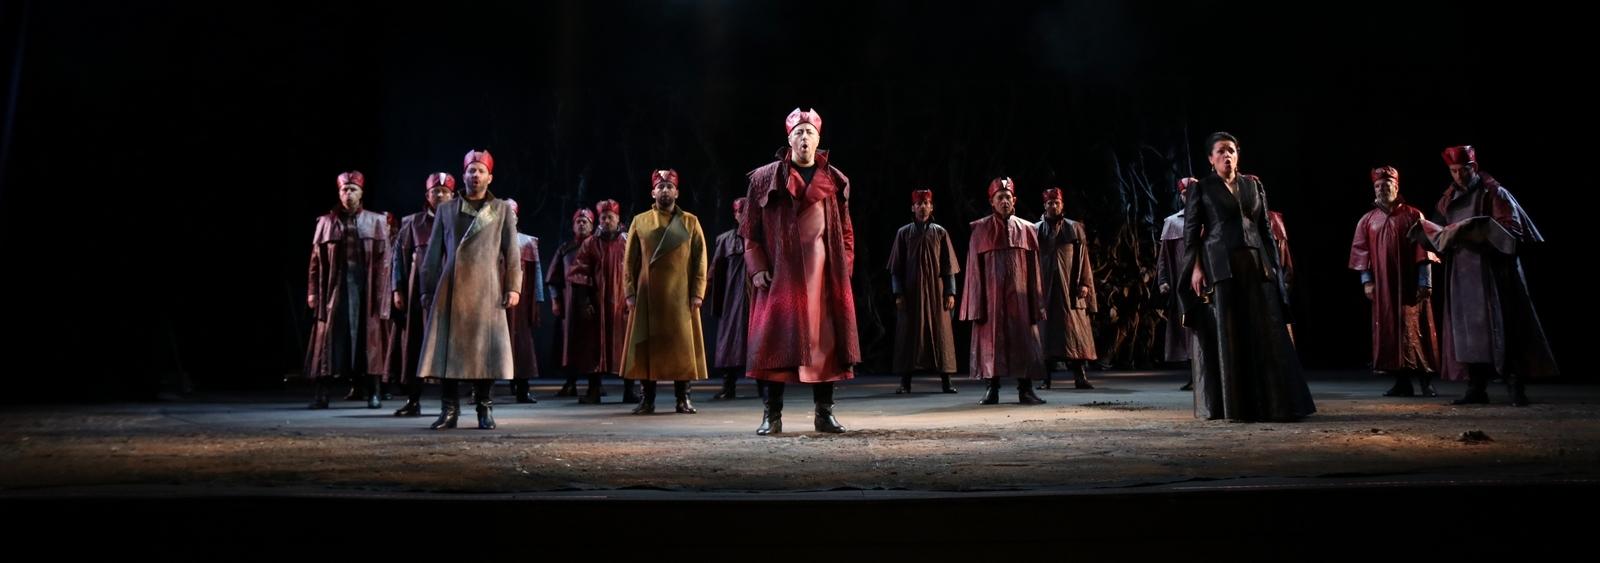 Nakon opere 'Nikola Šubić Zrinjski' kreće program Kritički glas